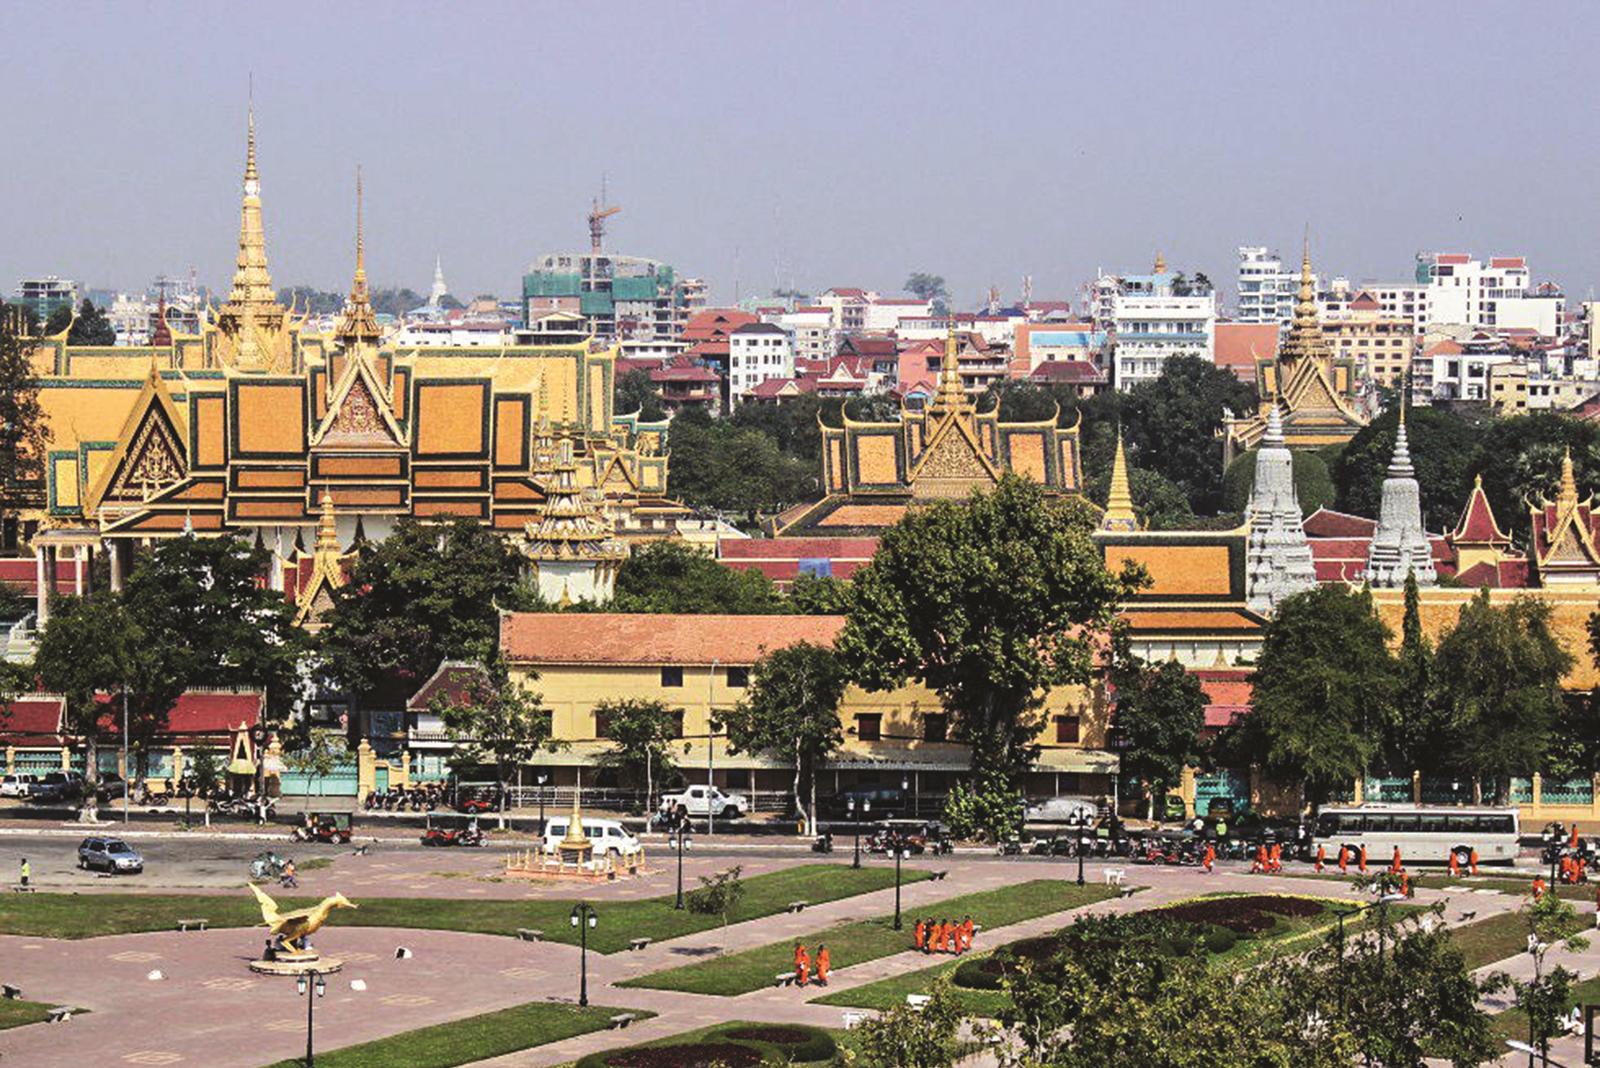 Doanh nghiệp tham gia đưa hàng sang Campuchia